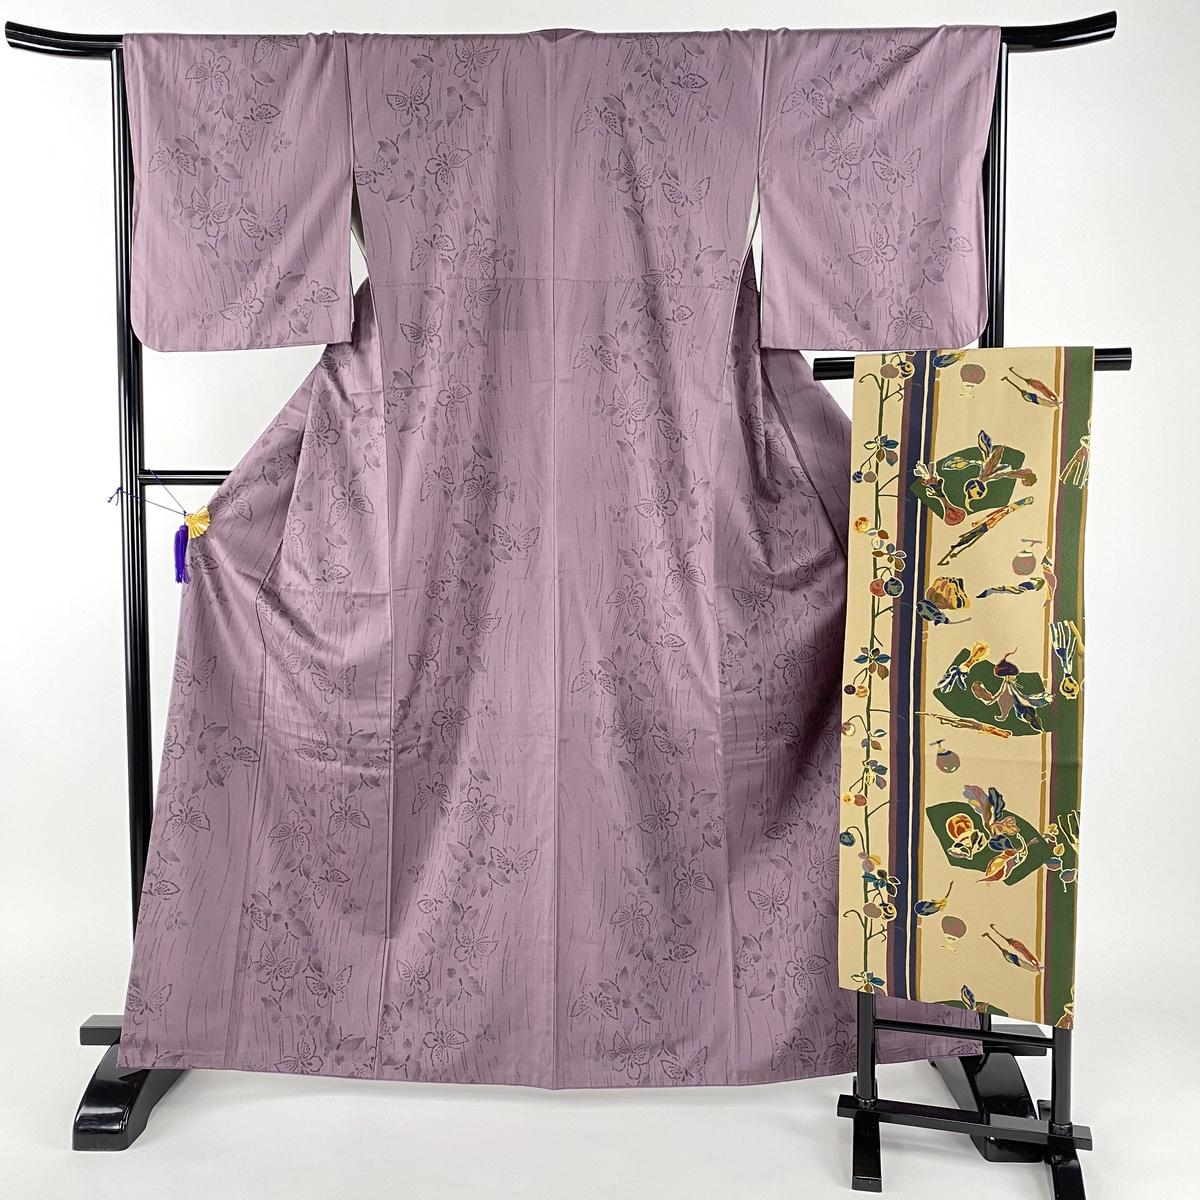 紬 美品 秀品 名古屋帯セット 蝶 紫 袷 身丈164.5cm 裄丈66cm M 正絹 【中古】